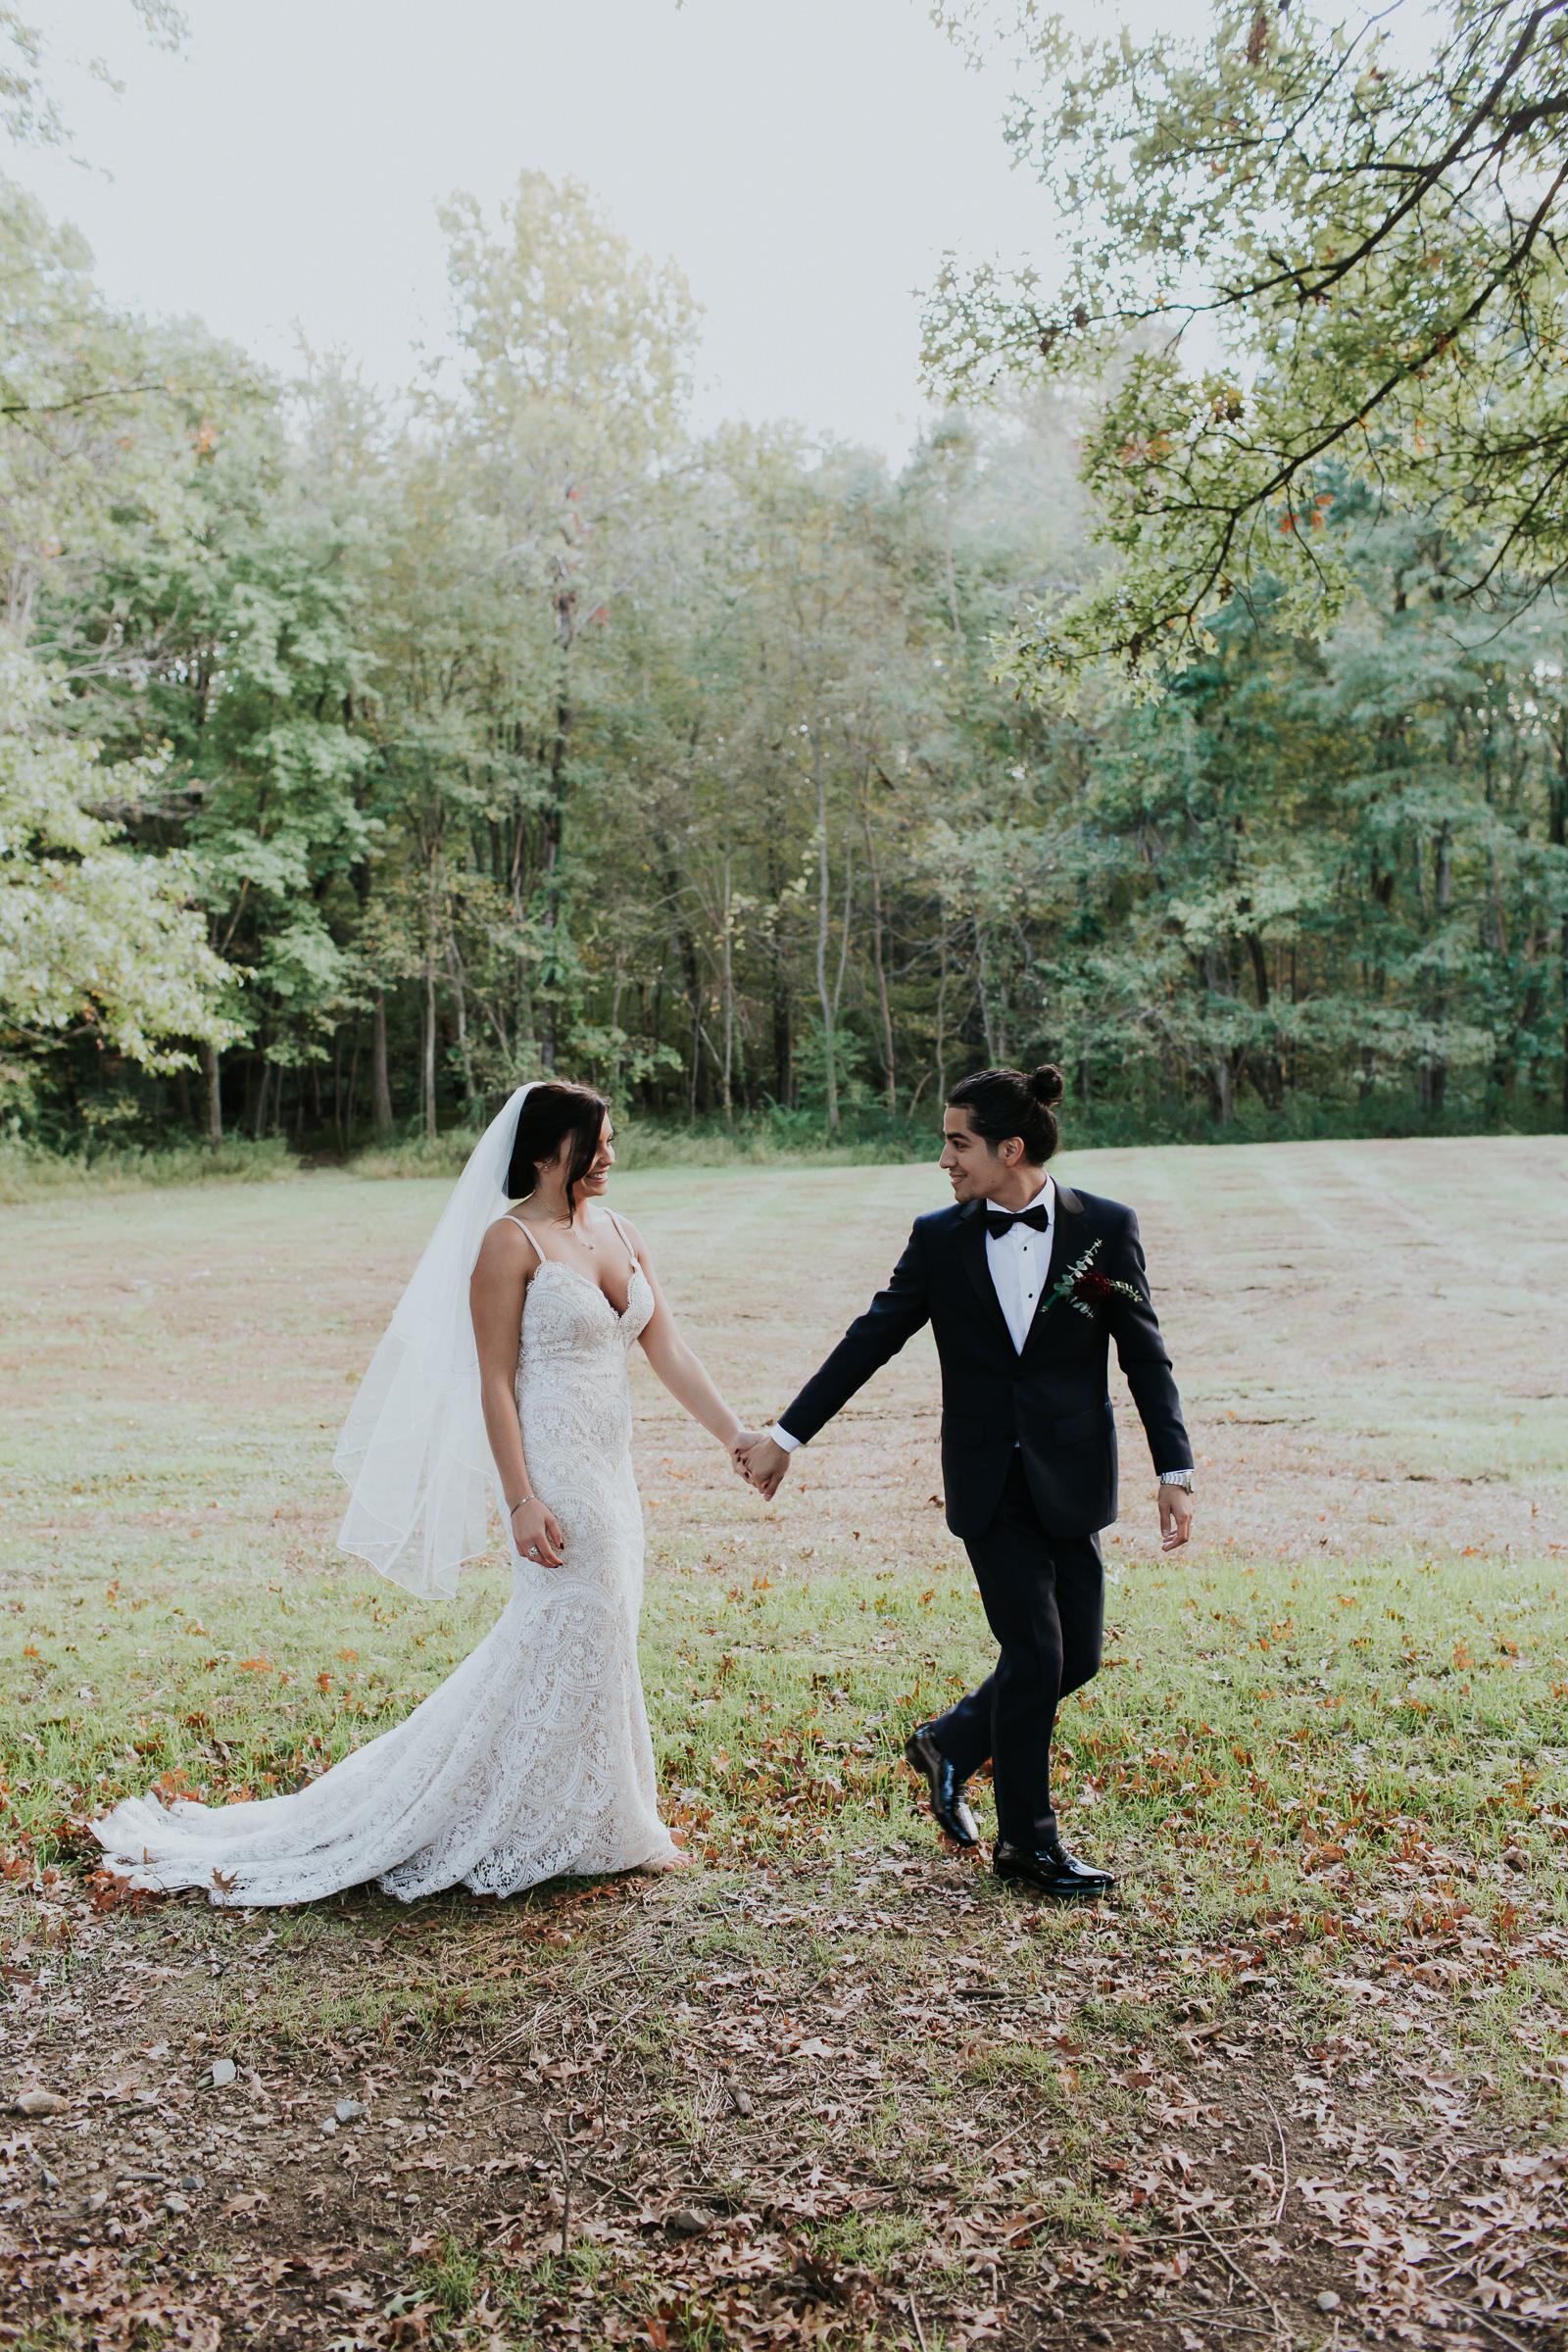 Arrow-Park-Monroe-NY-Documentary-Wedding-Photographer-68.jpg